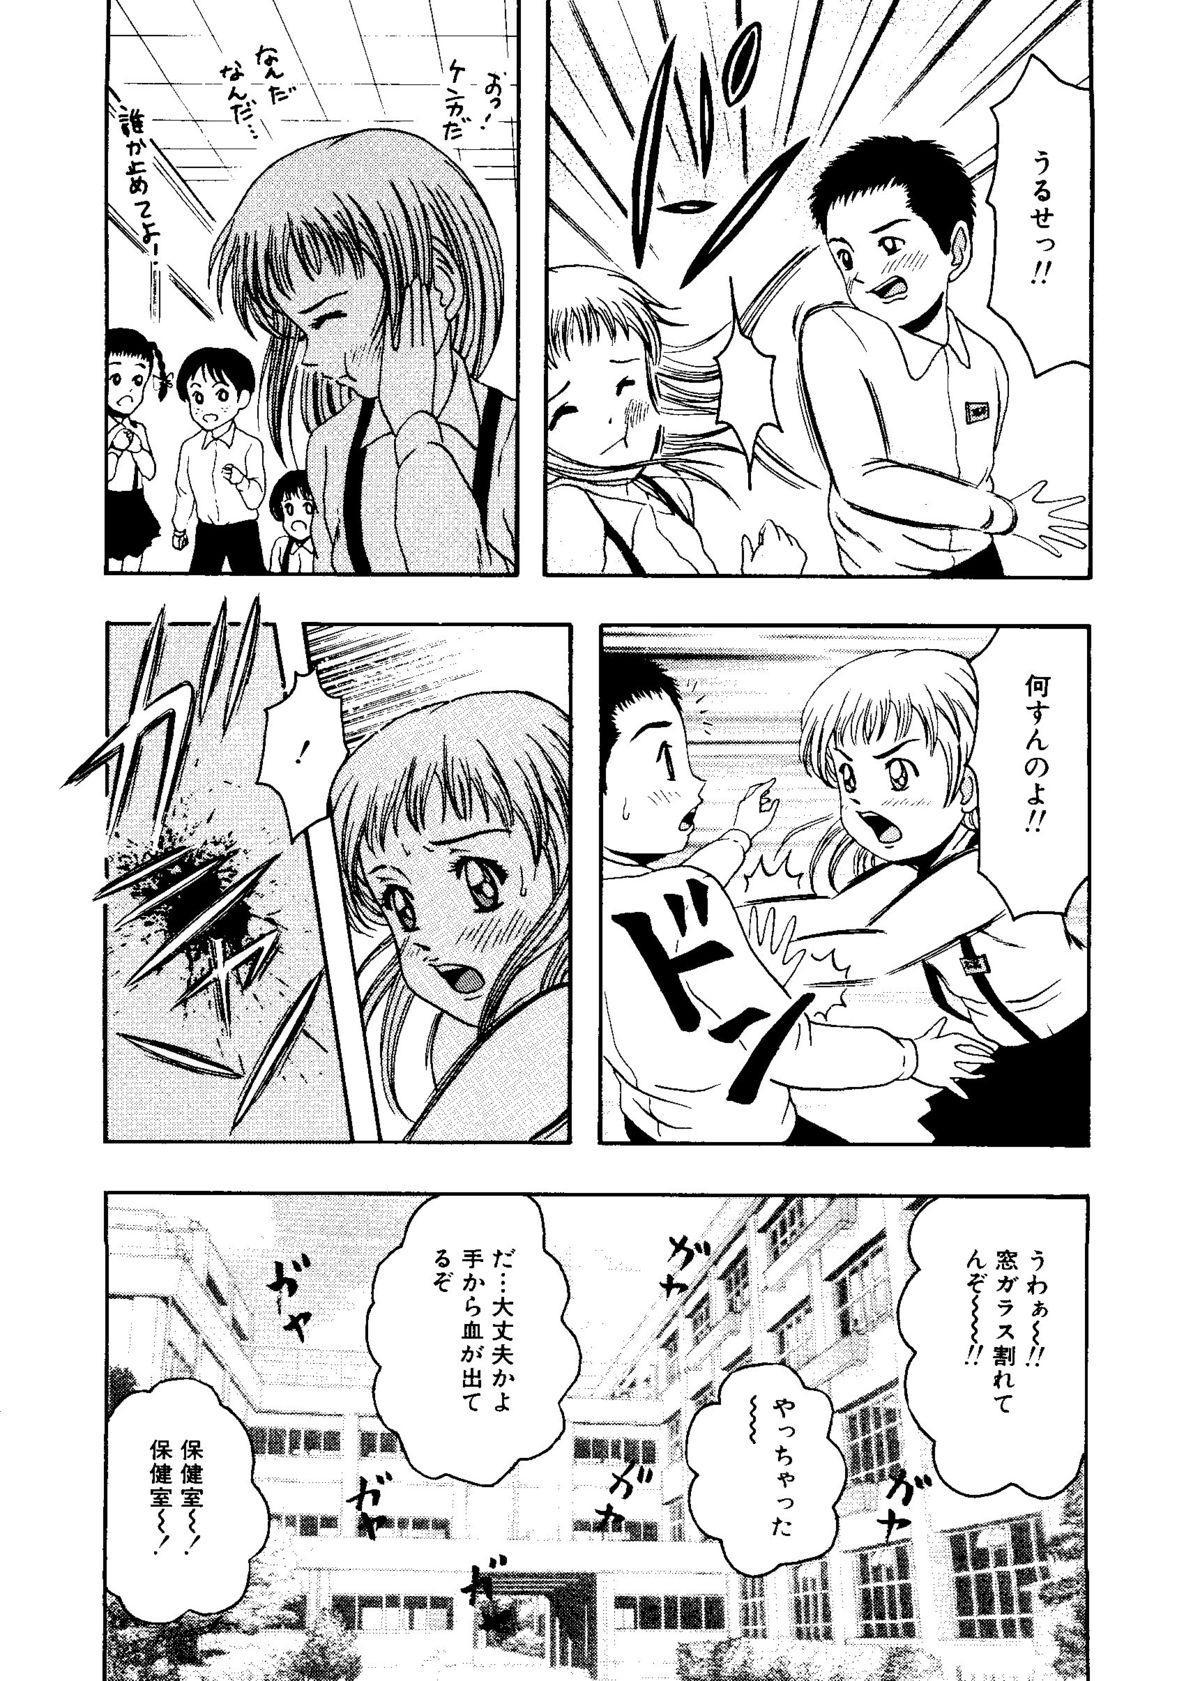 Mujirushi Youhin Vol. 7 88